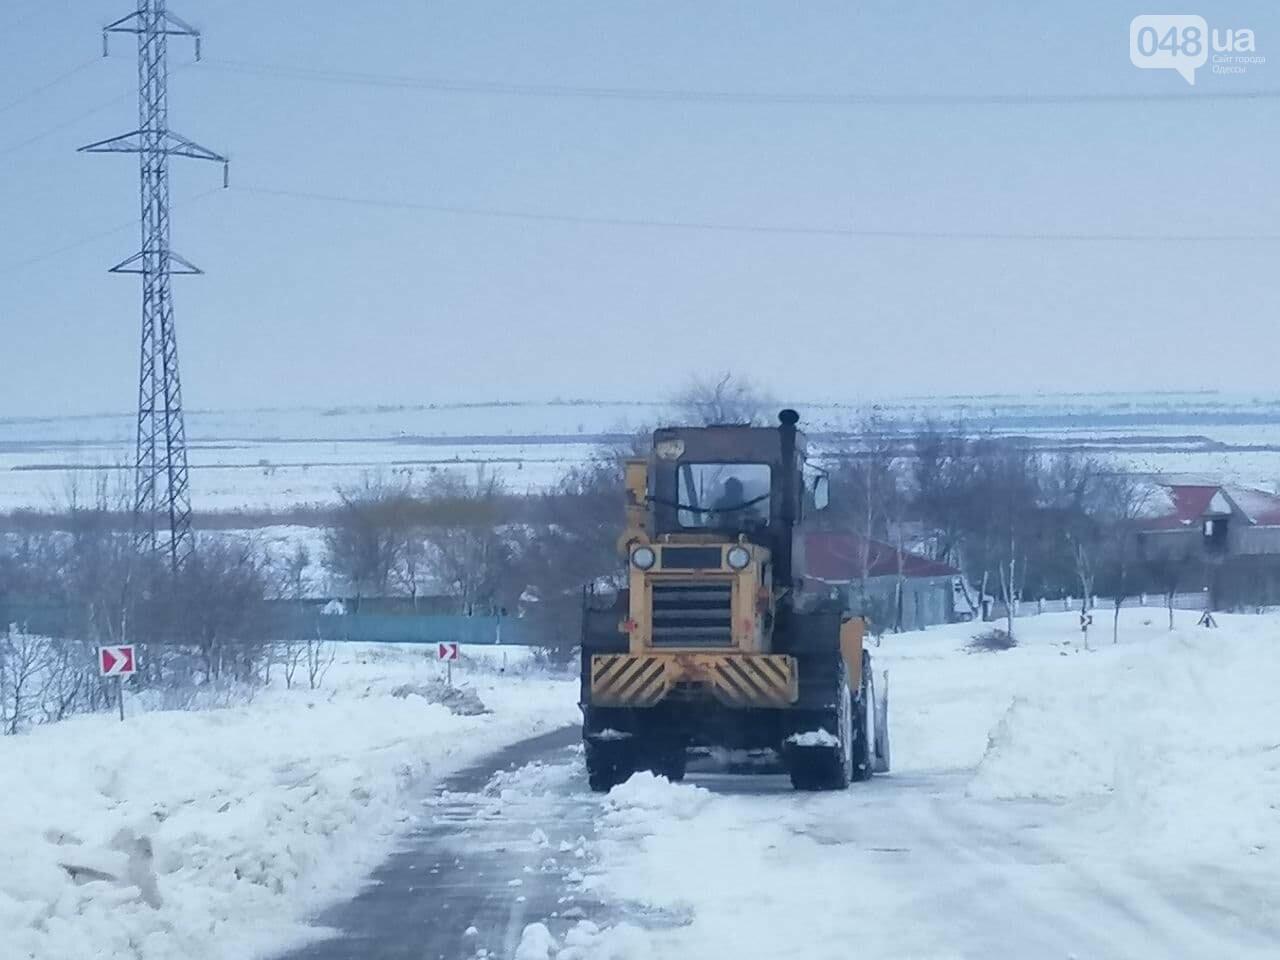 Трасса Одесса-Рени: брошенные автомобили, трактора и сугробы,- ВИДЕО, ФОТО, фото-9